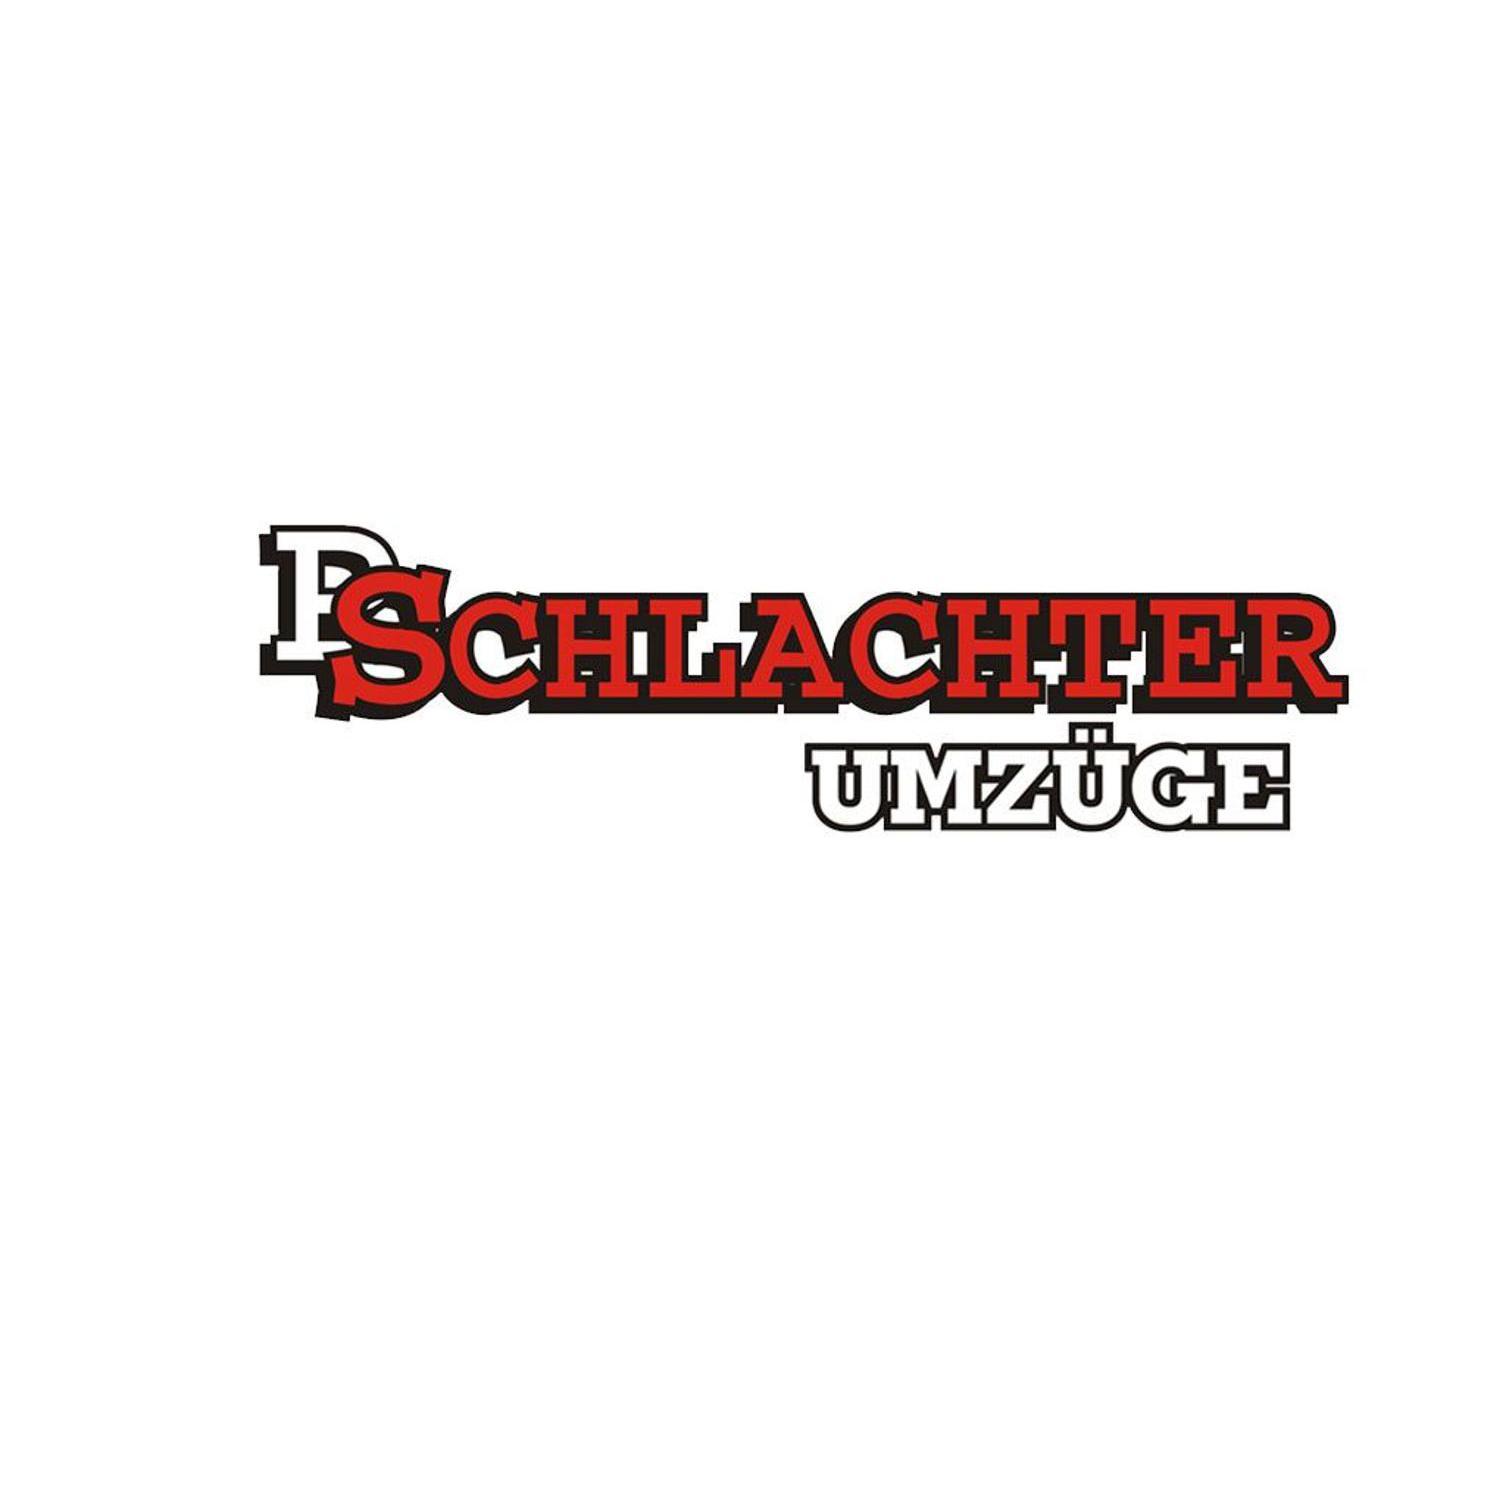 Bild zu Möbelspedition Peter Schlachter GmbH & Co. KG in Diepholz